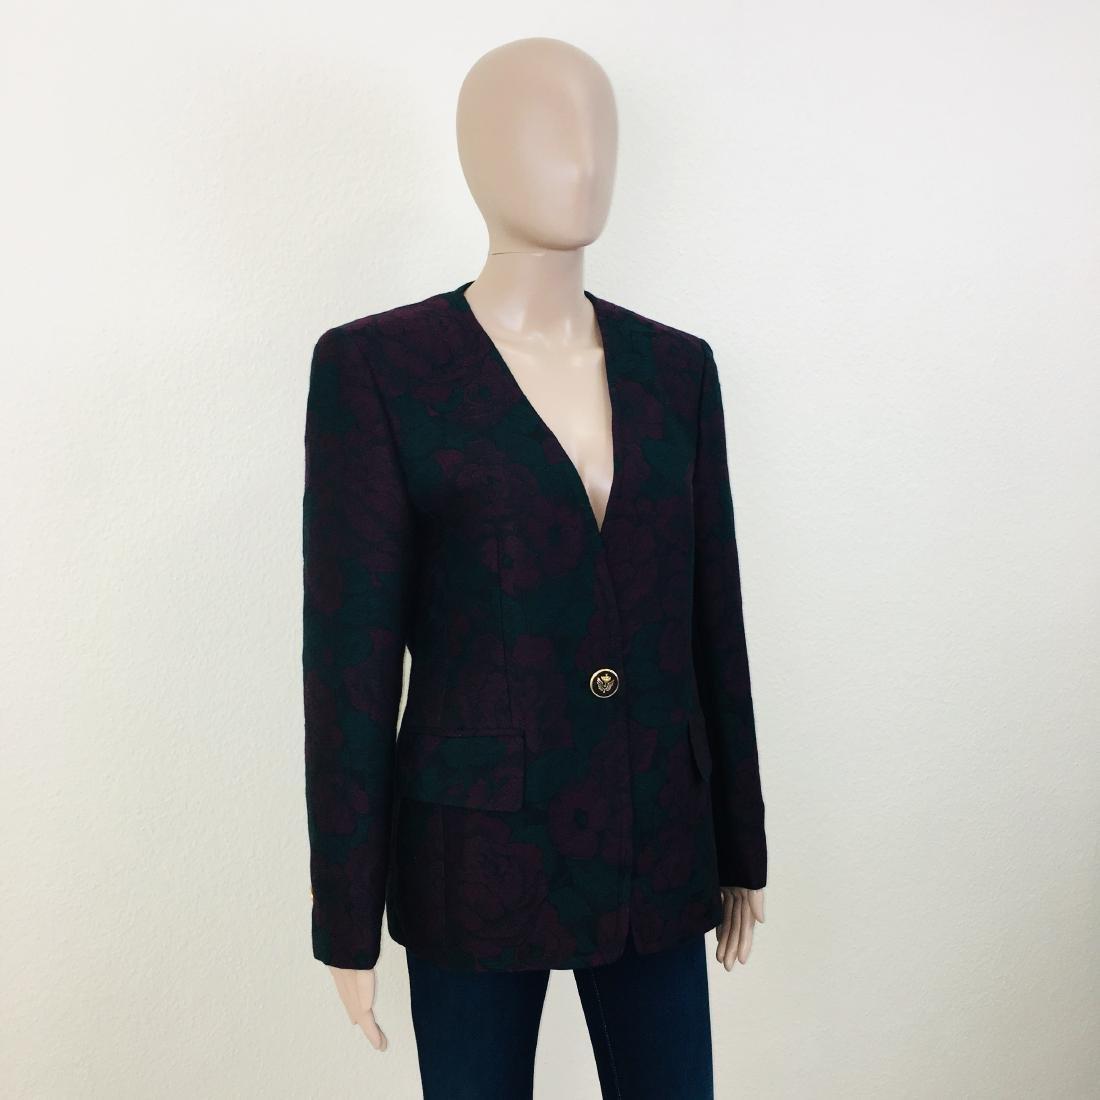 Vintage Women's Designer Blazer Jacket - 3